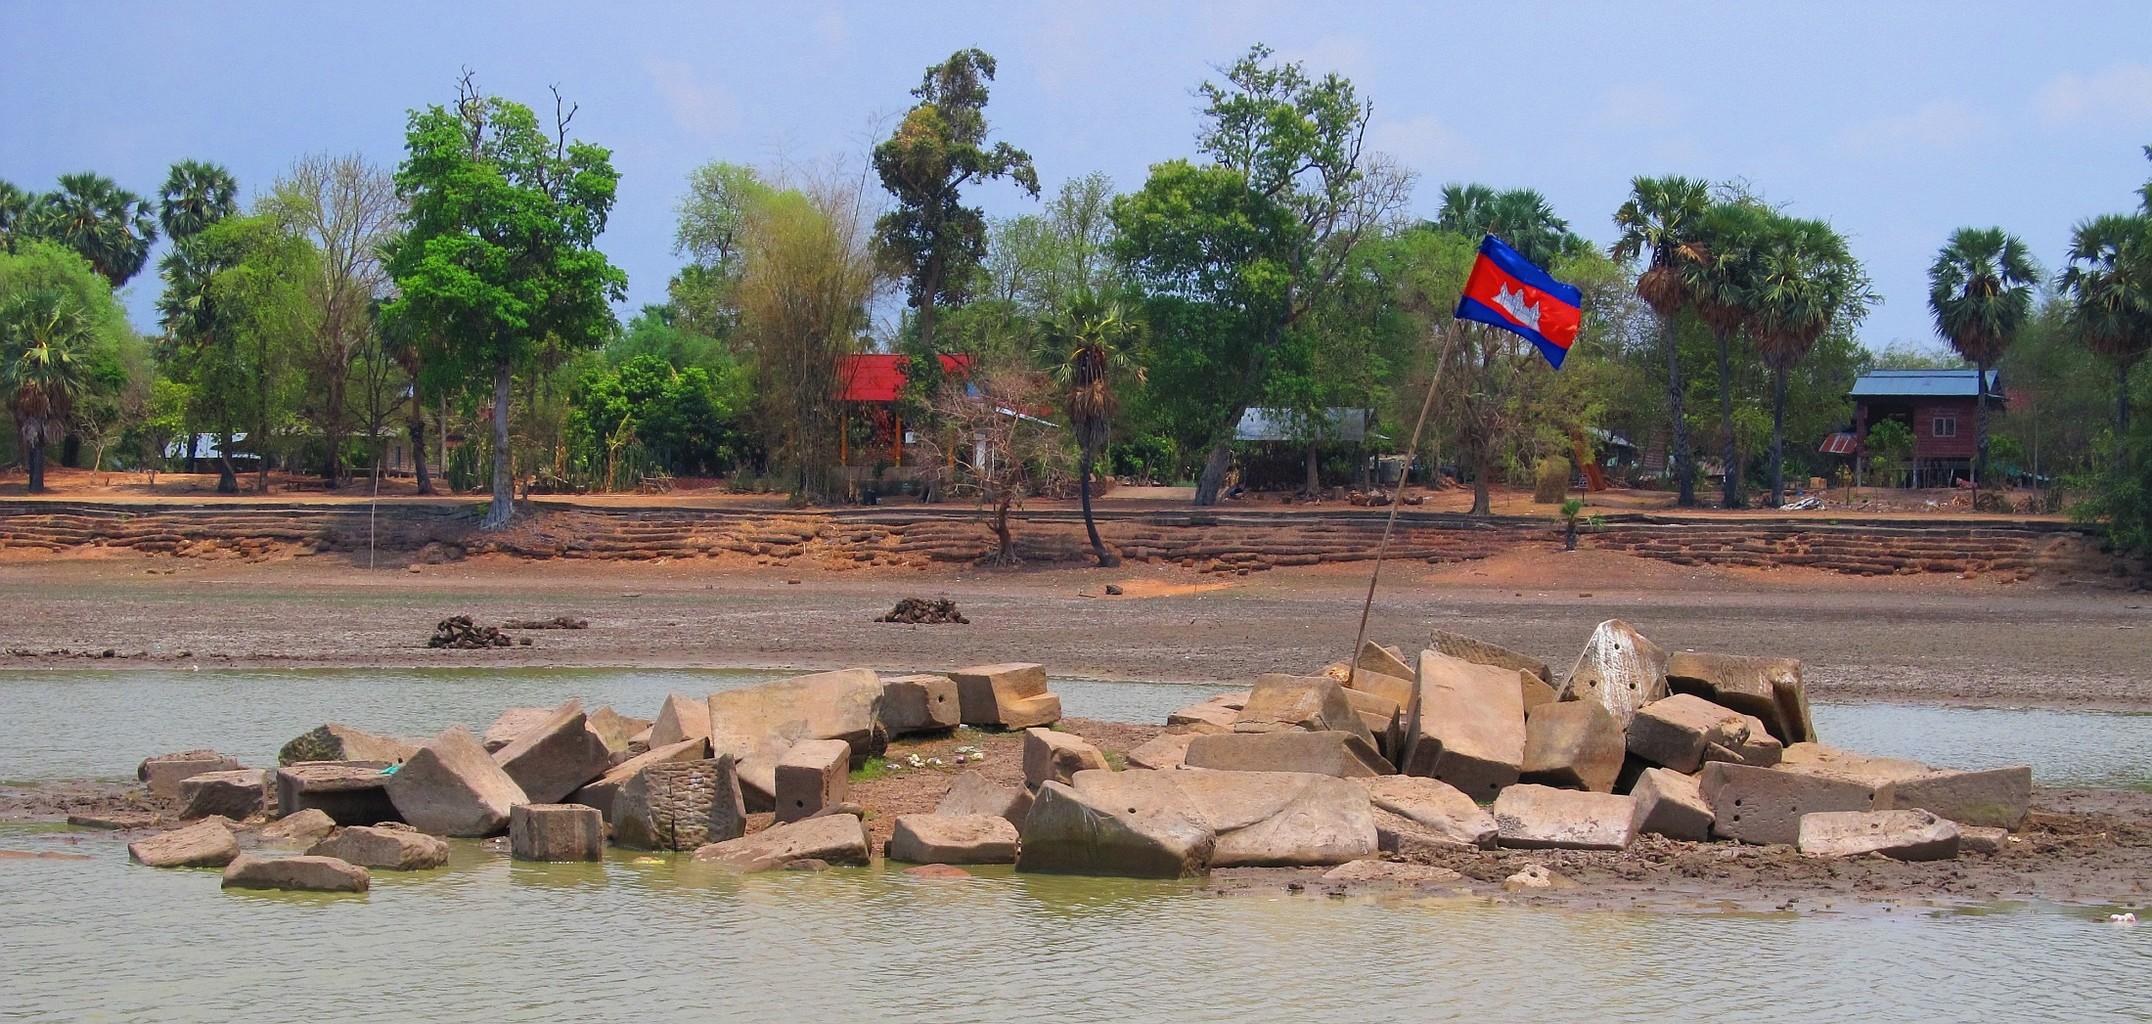 Duben 2016 Rozvaliny svatyně uprostřed nádrže Srah Srang - Angkor - Kambodža